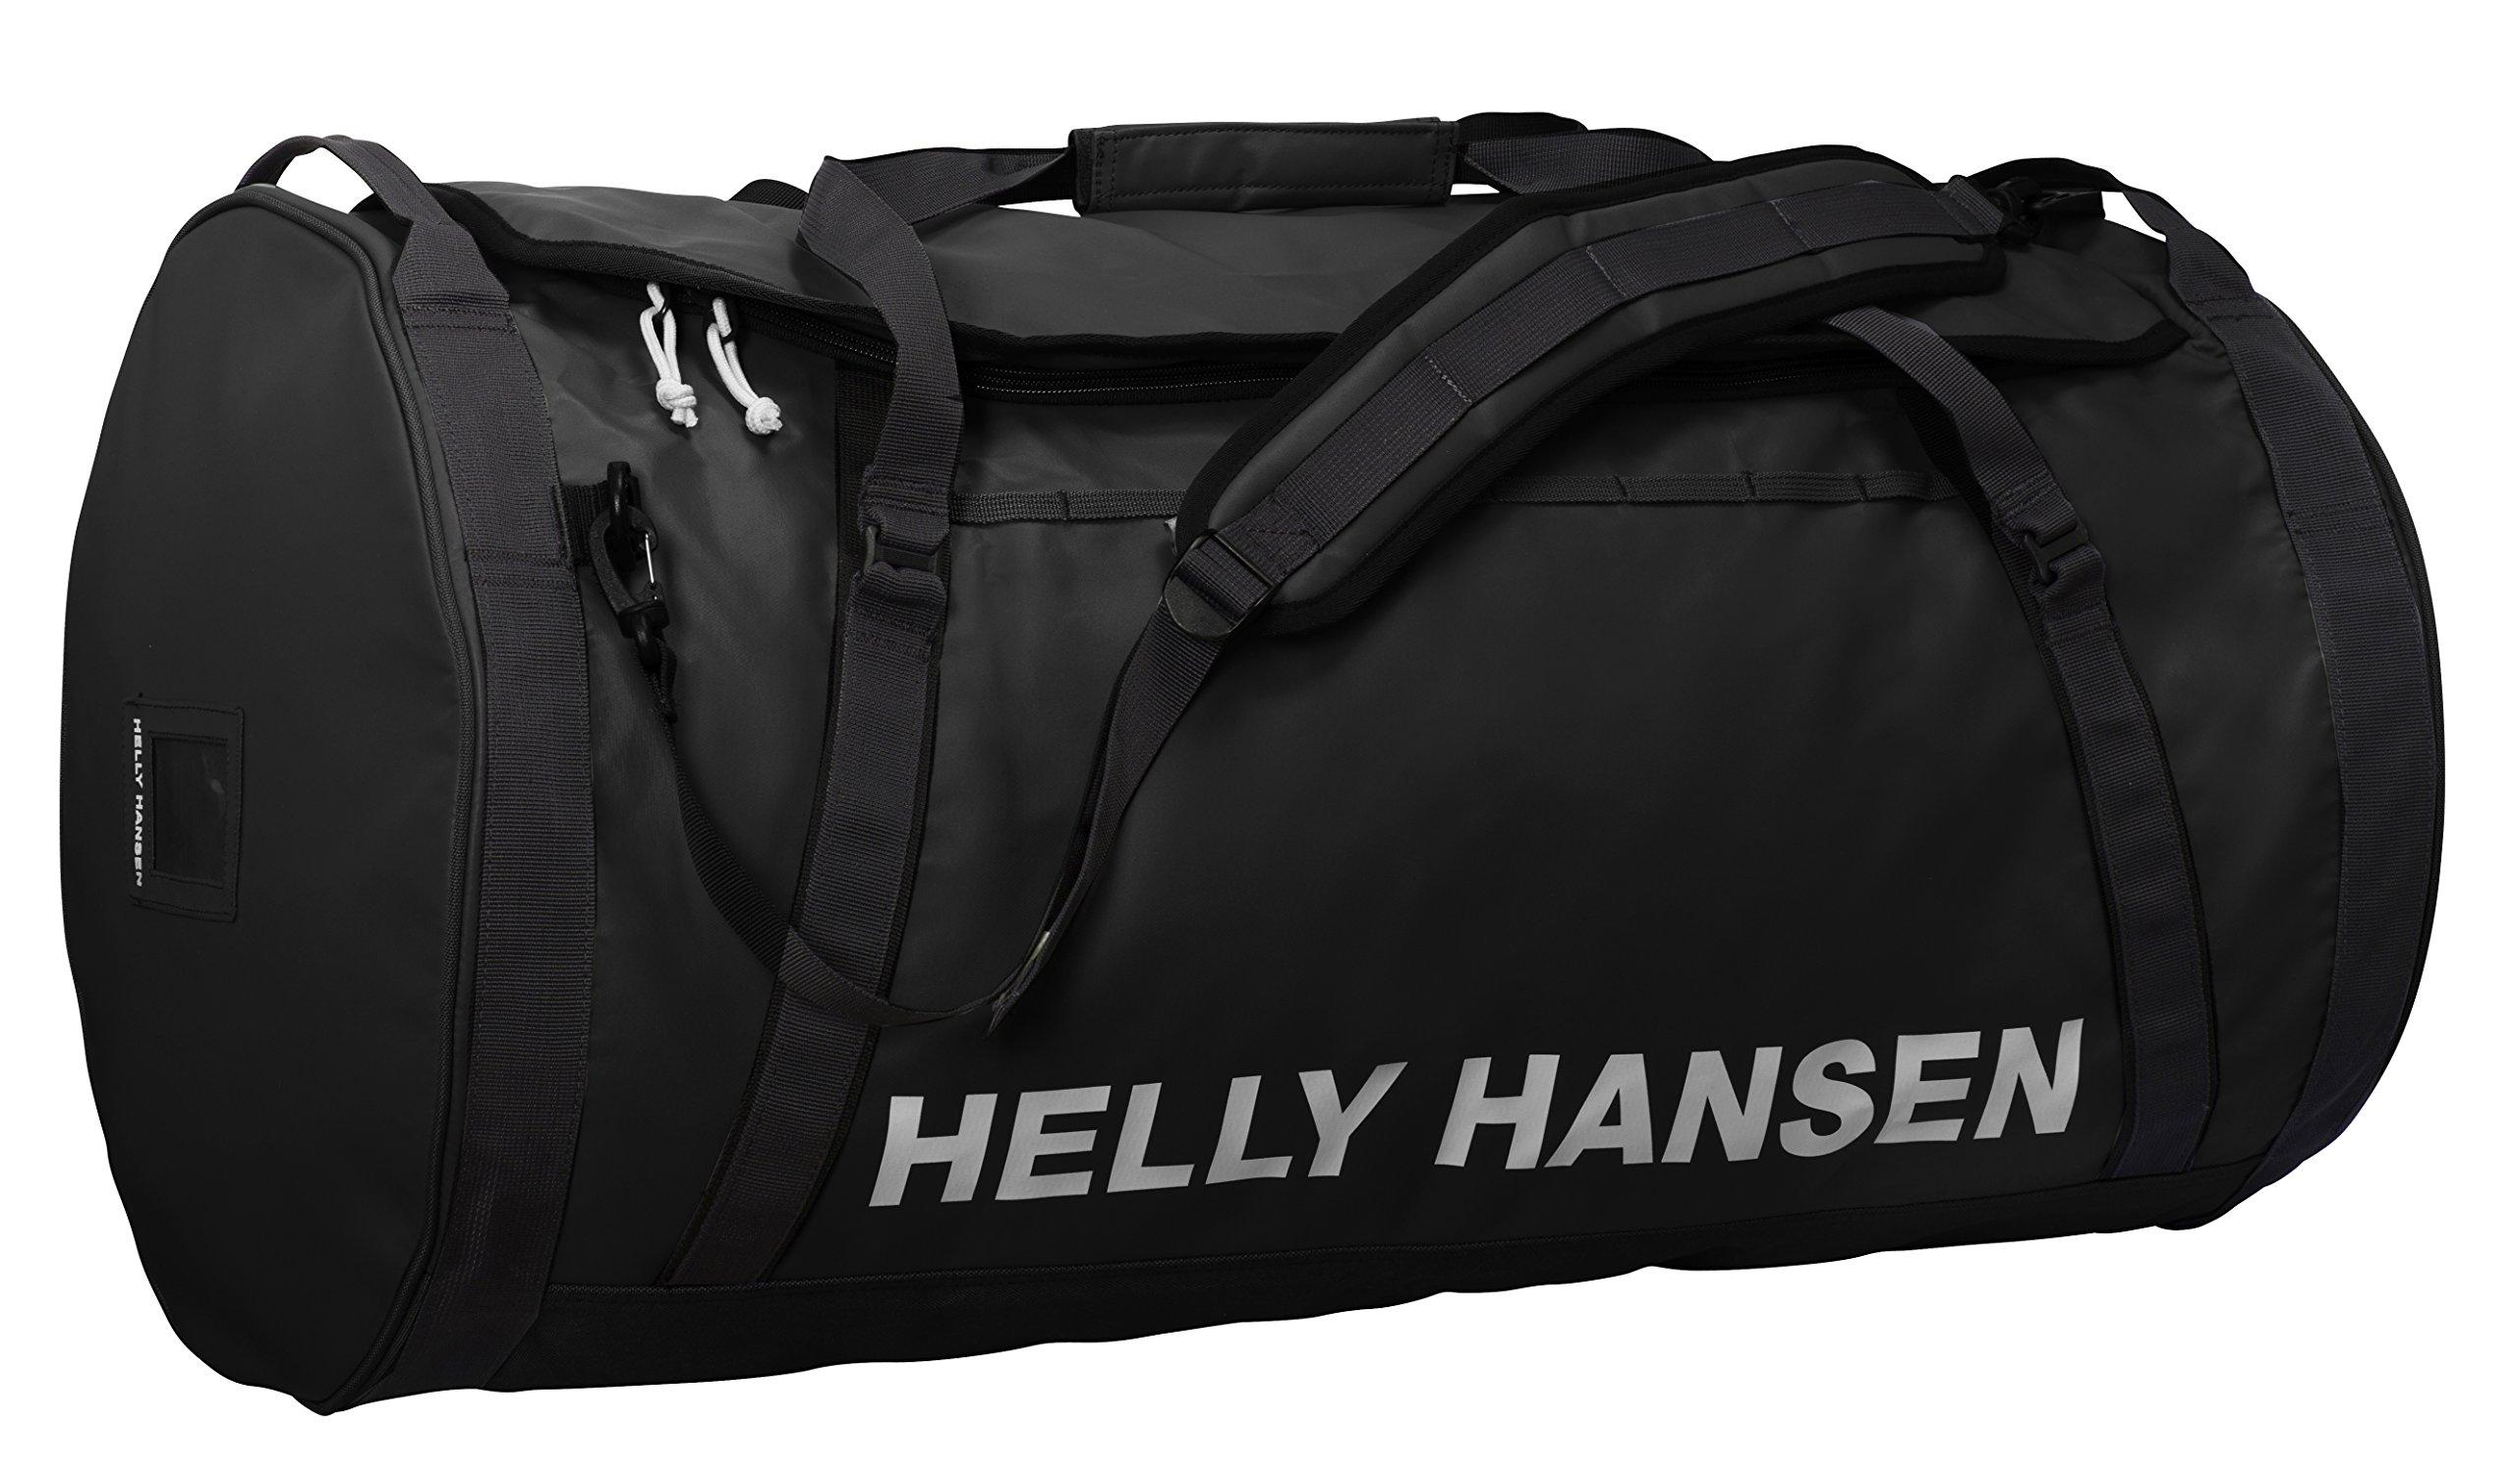 Helly Hansen Duffel Water Resistant Packable Bag 2, 30 Liter, 990 Black